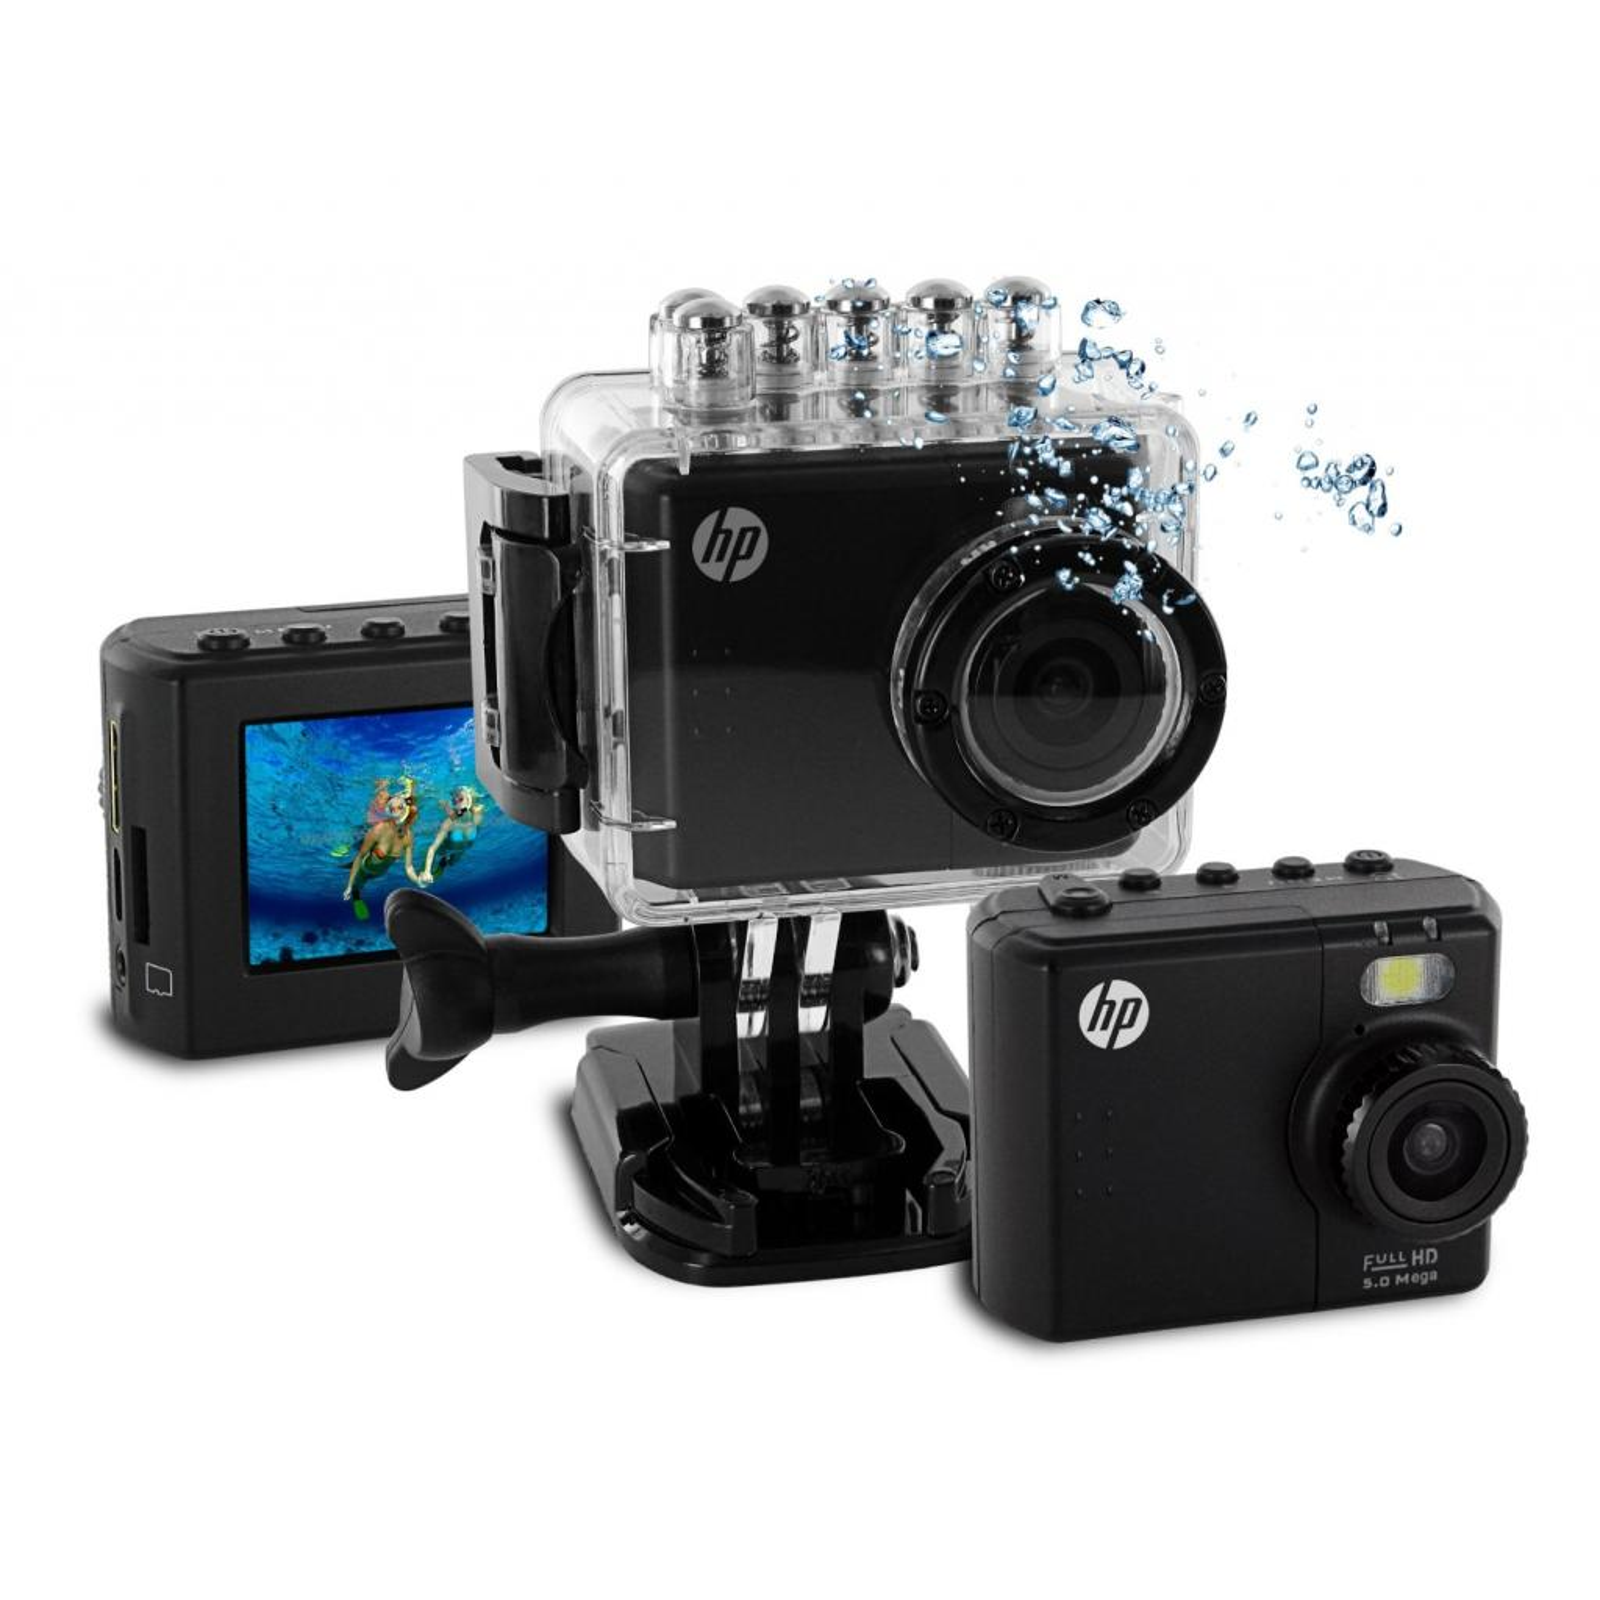 Экшн-камера HP ac150 изображение 4